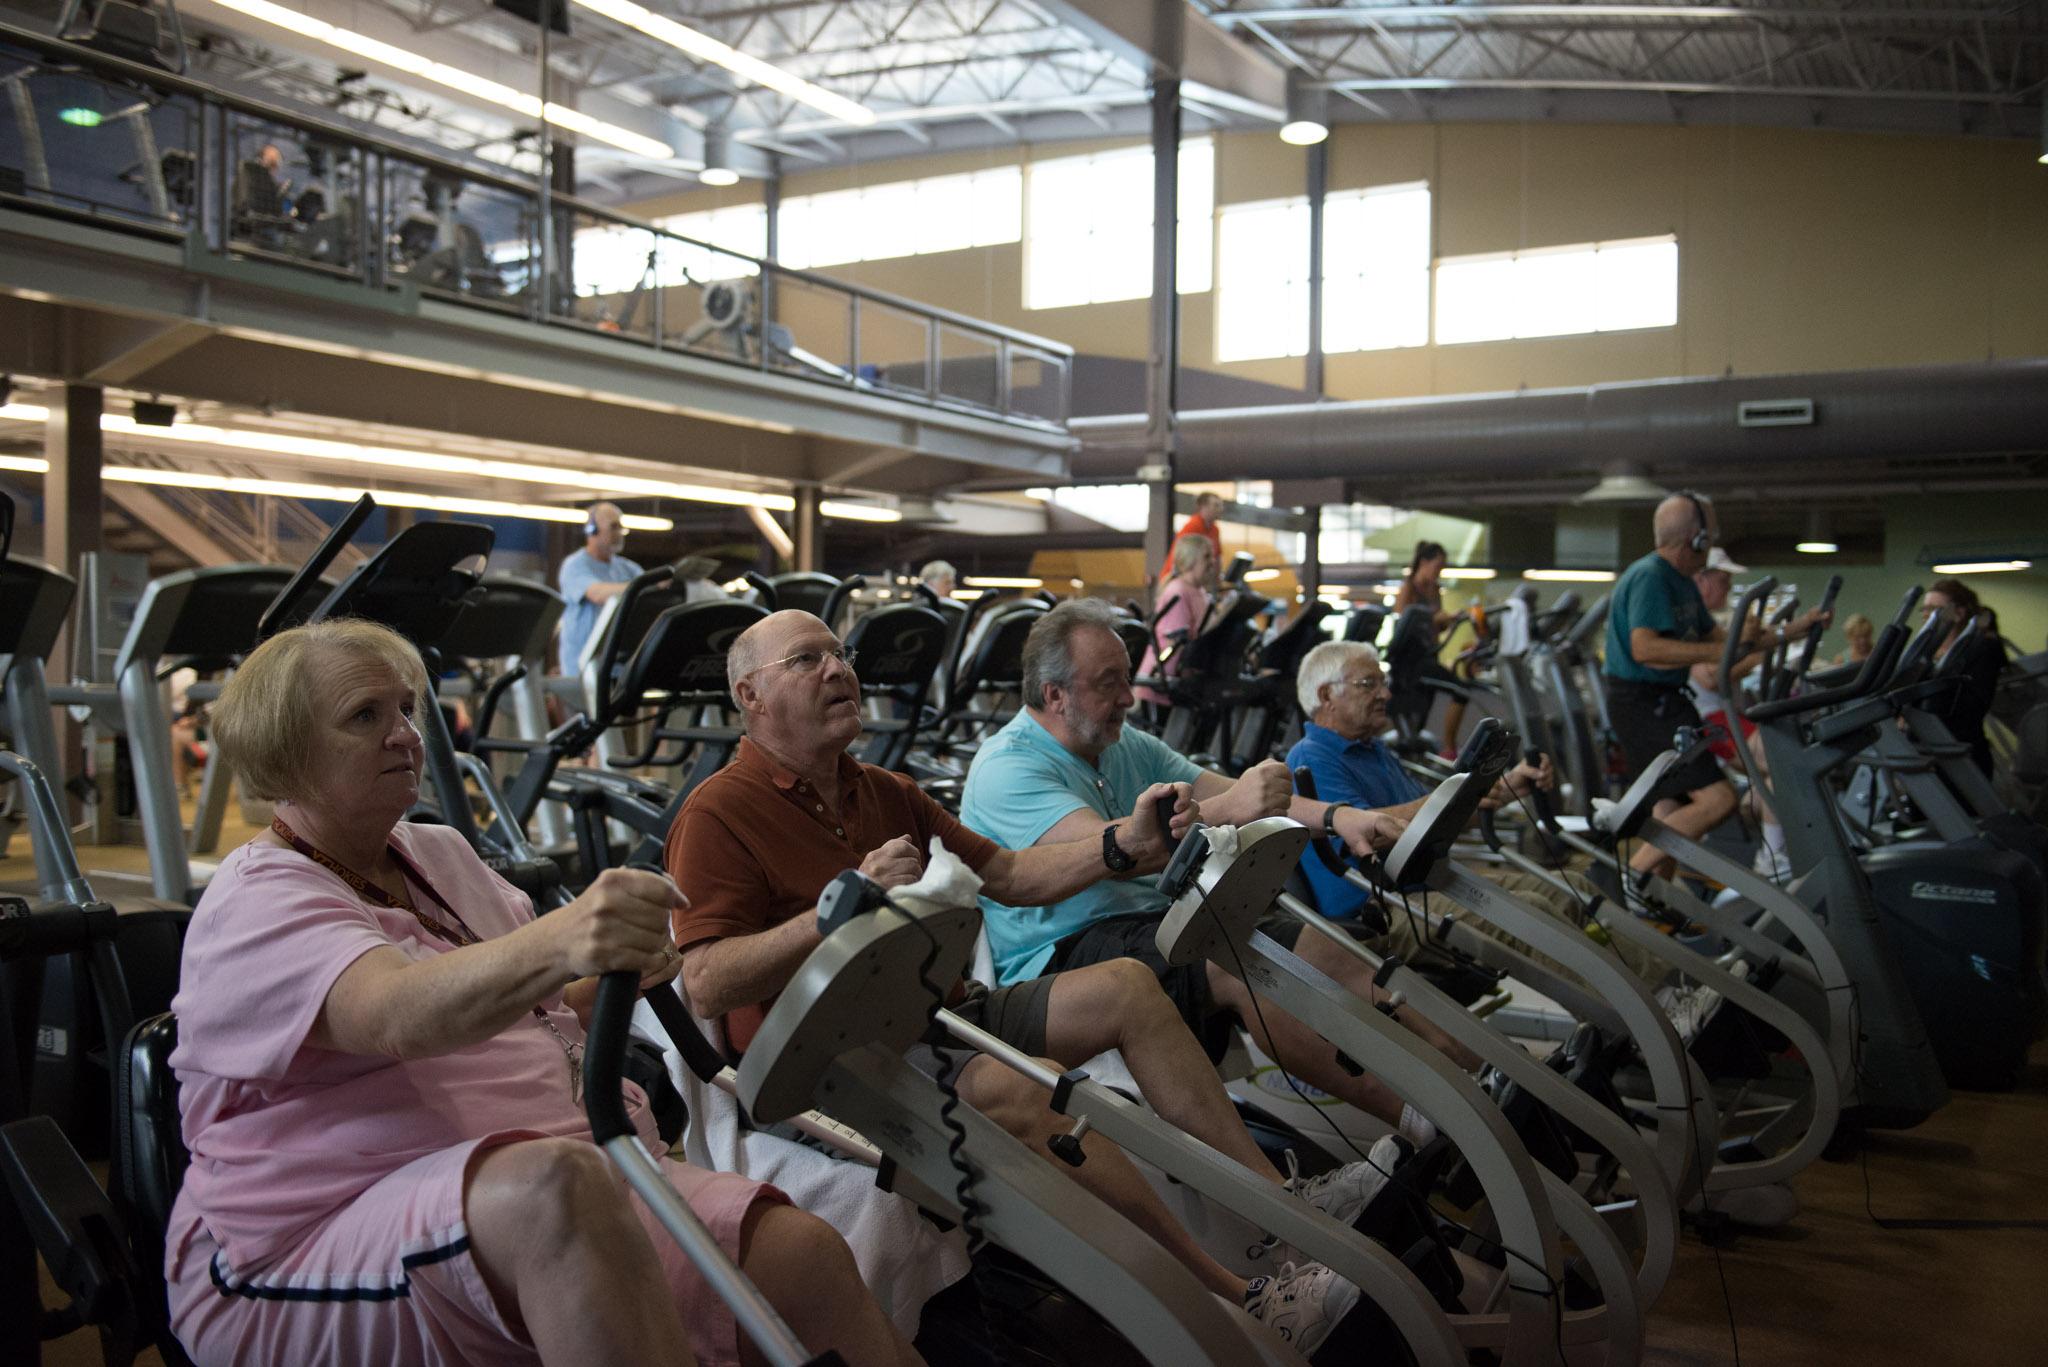 Wellness Center Stock Photos-1383.jpg